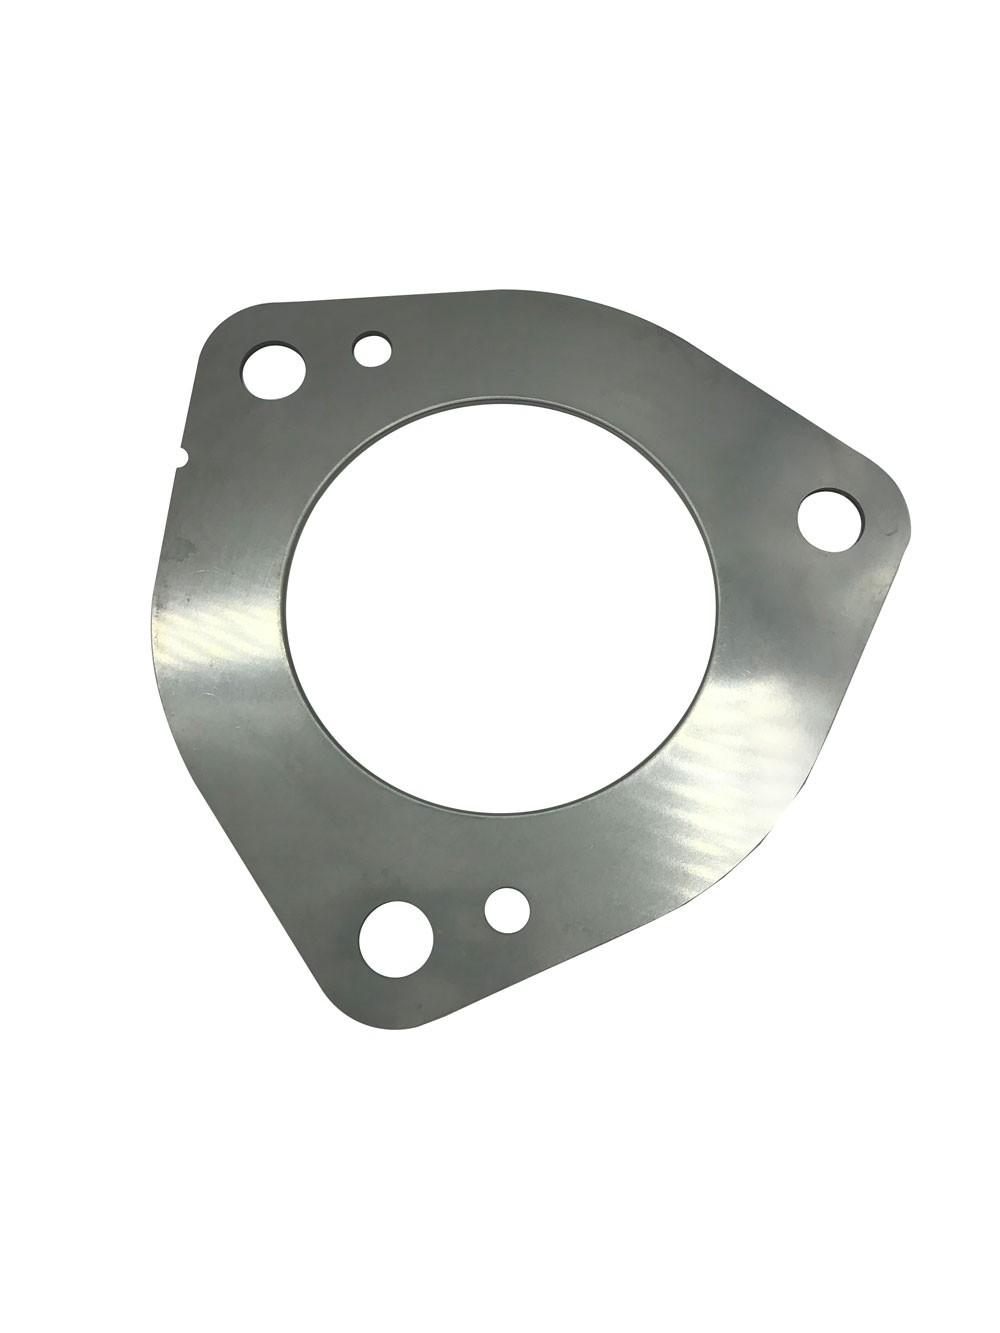 ISUZU DPF GASKET | OEM 8-98077194-0